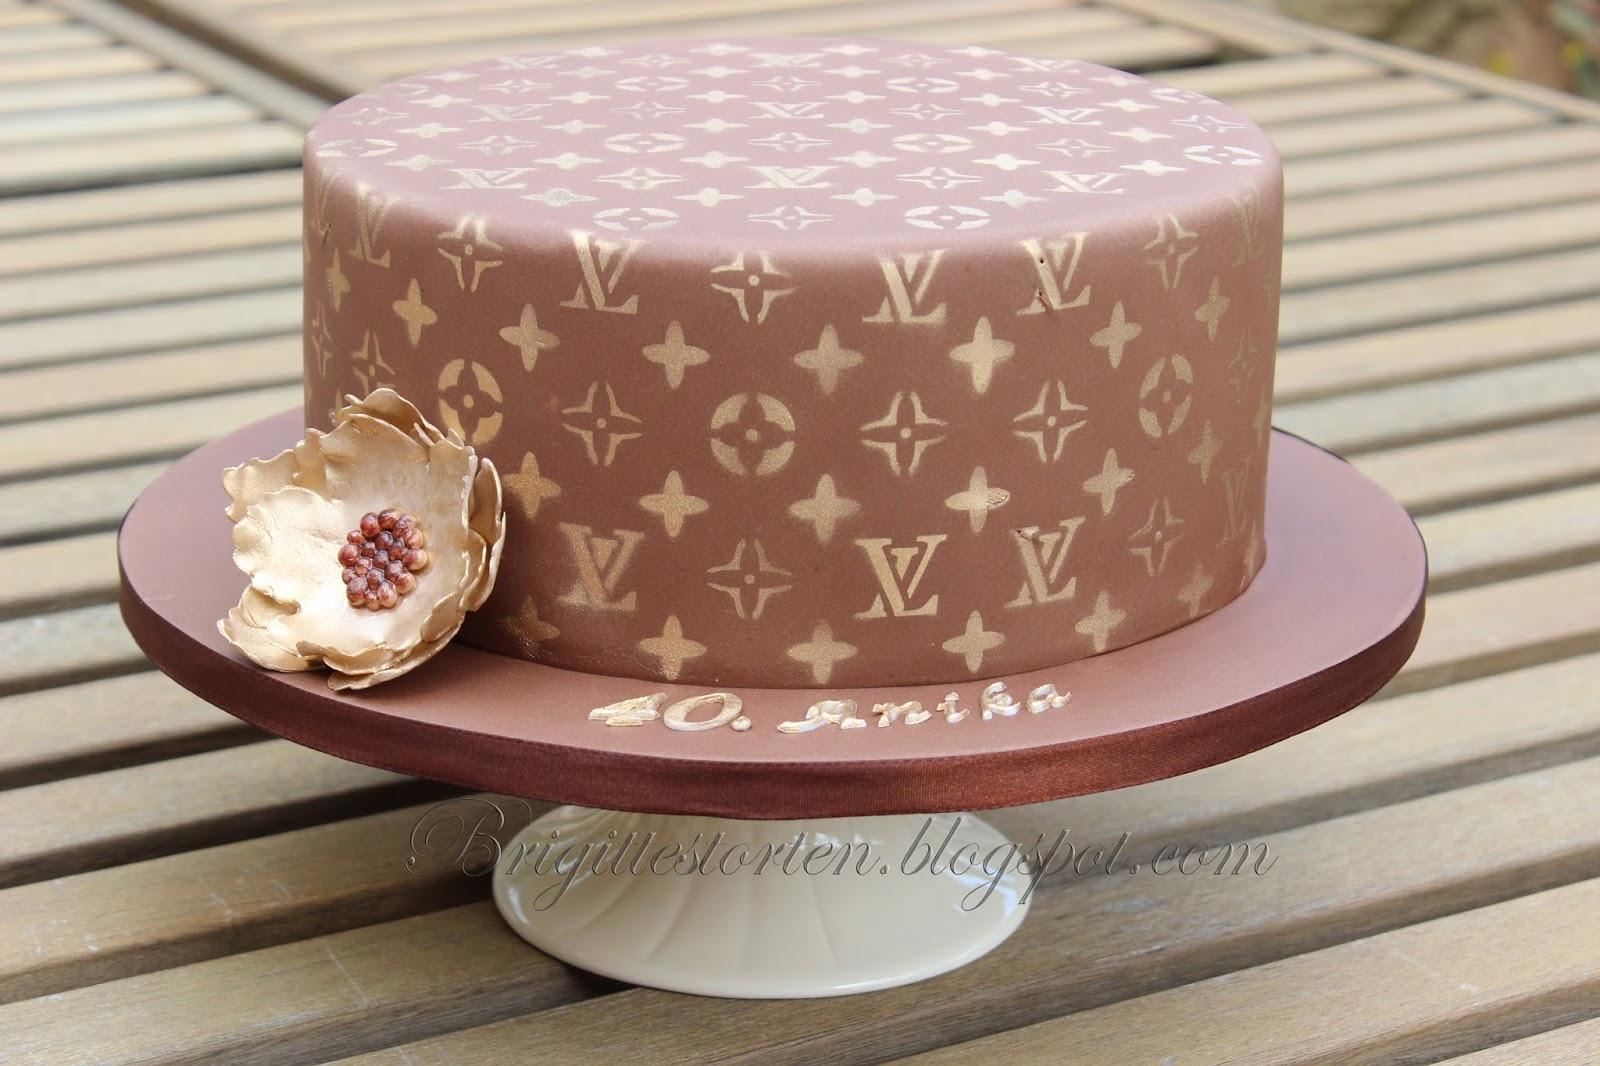 brigittes tortendesign louis vuitton torte  braun gold